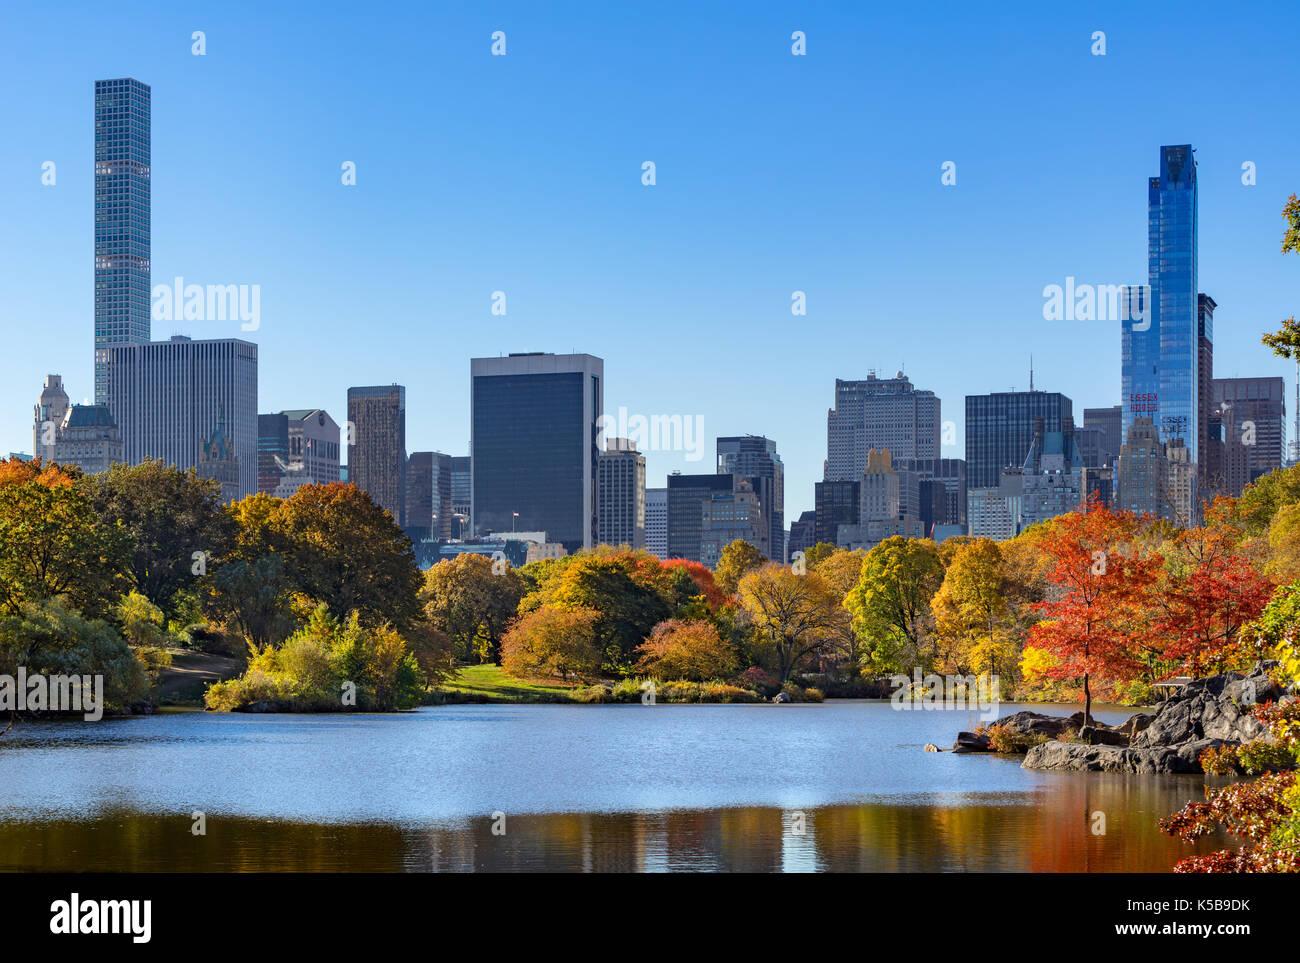 Otoño en Central Park por el lago con rascacielos de Midtown. La Ciudad de Nueva York Foto de stock